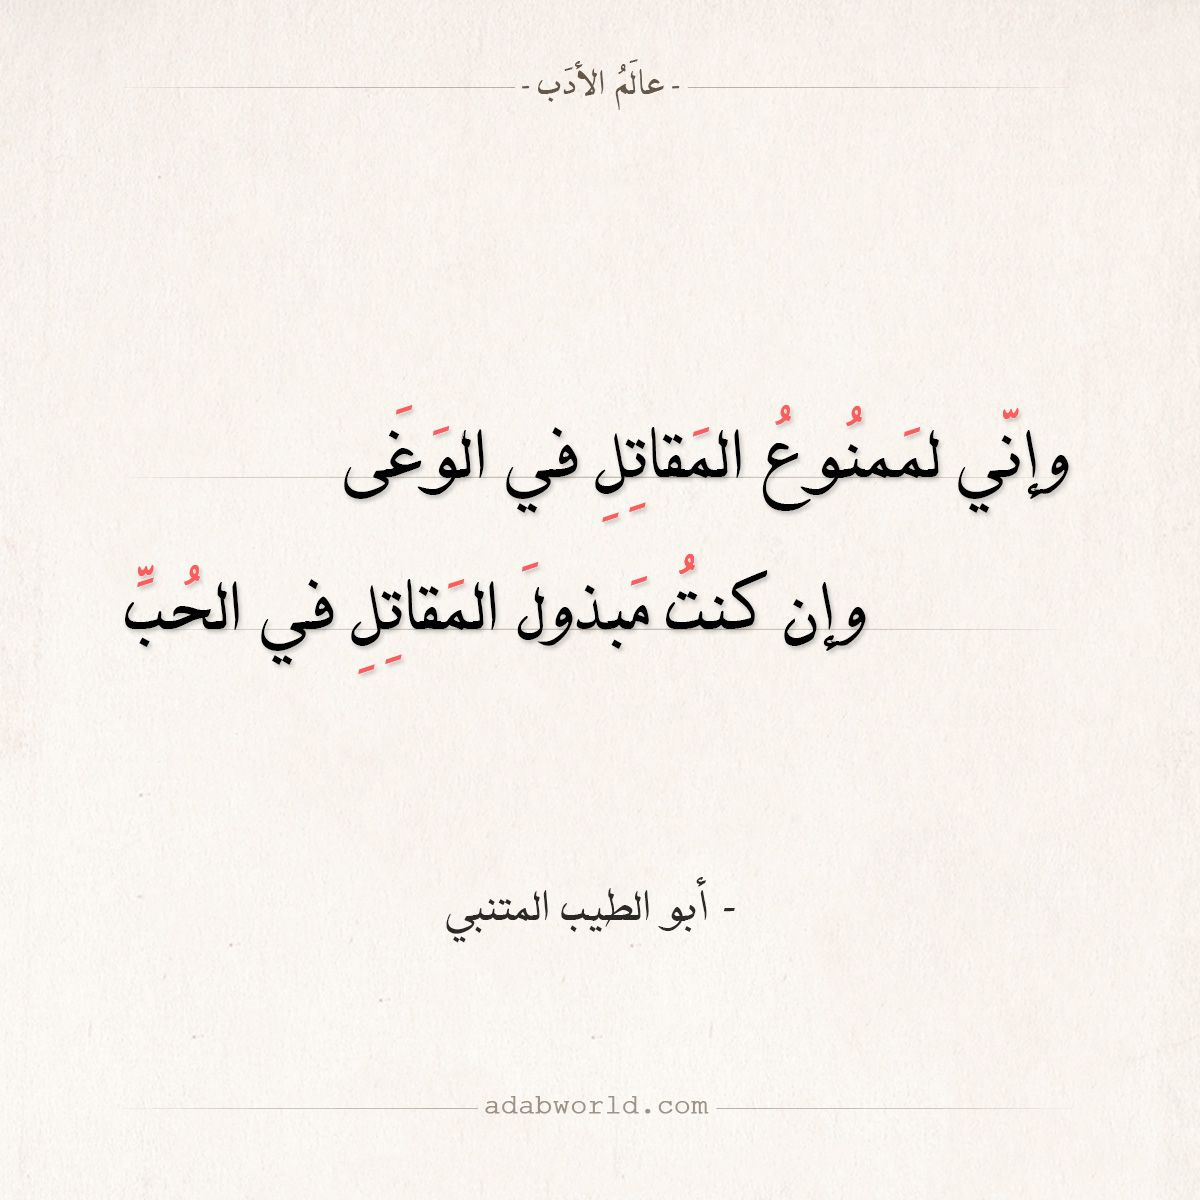 شعر المتنبي وإني لممنوع المقاتل في الوغى عالم الأدب Arabic Calligraphy